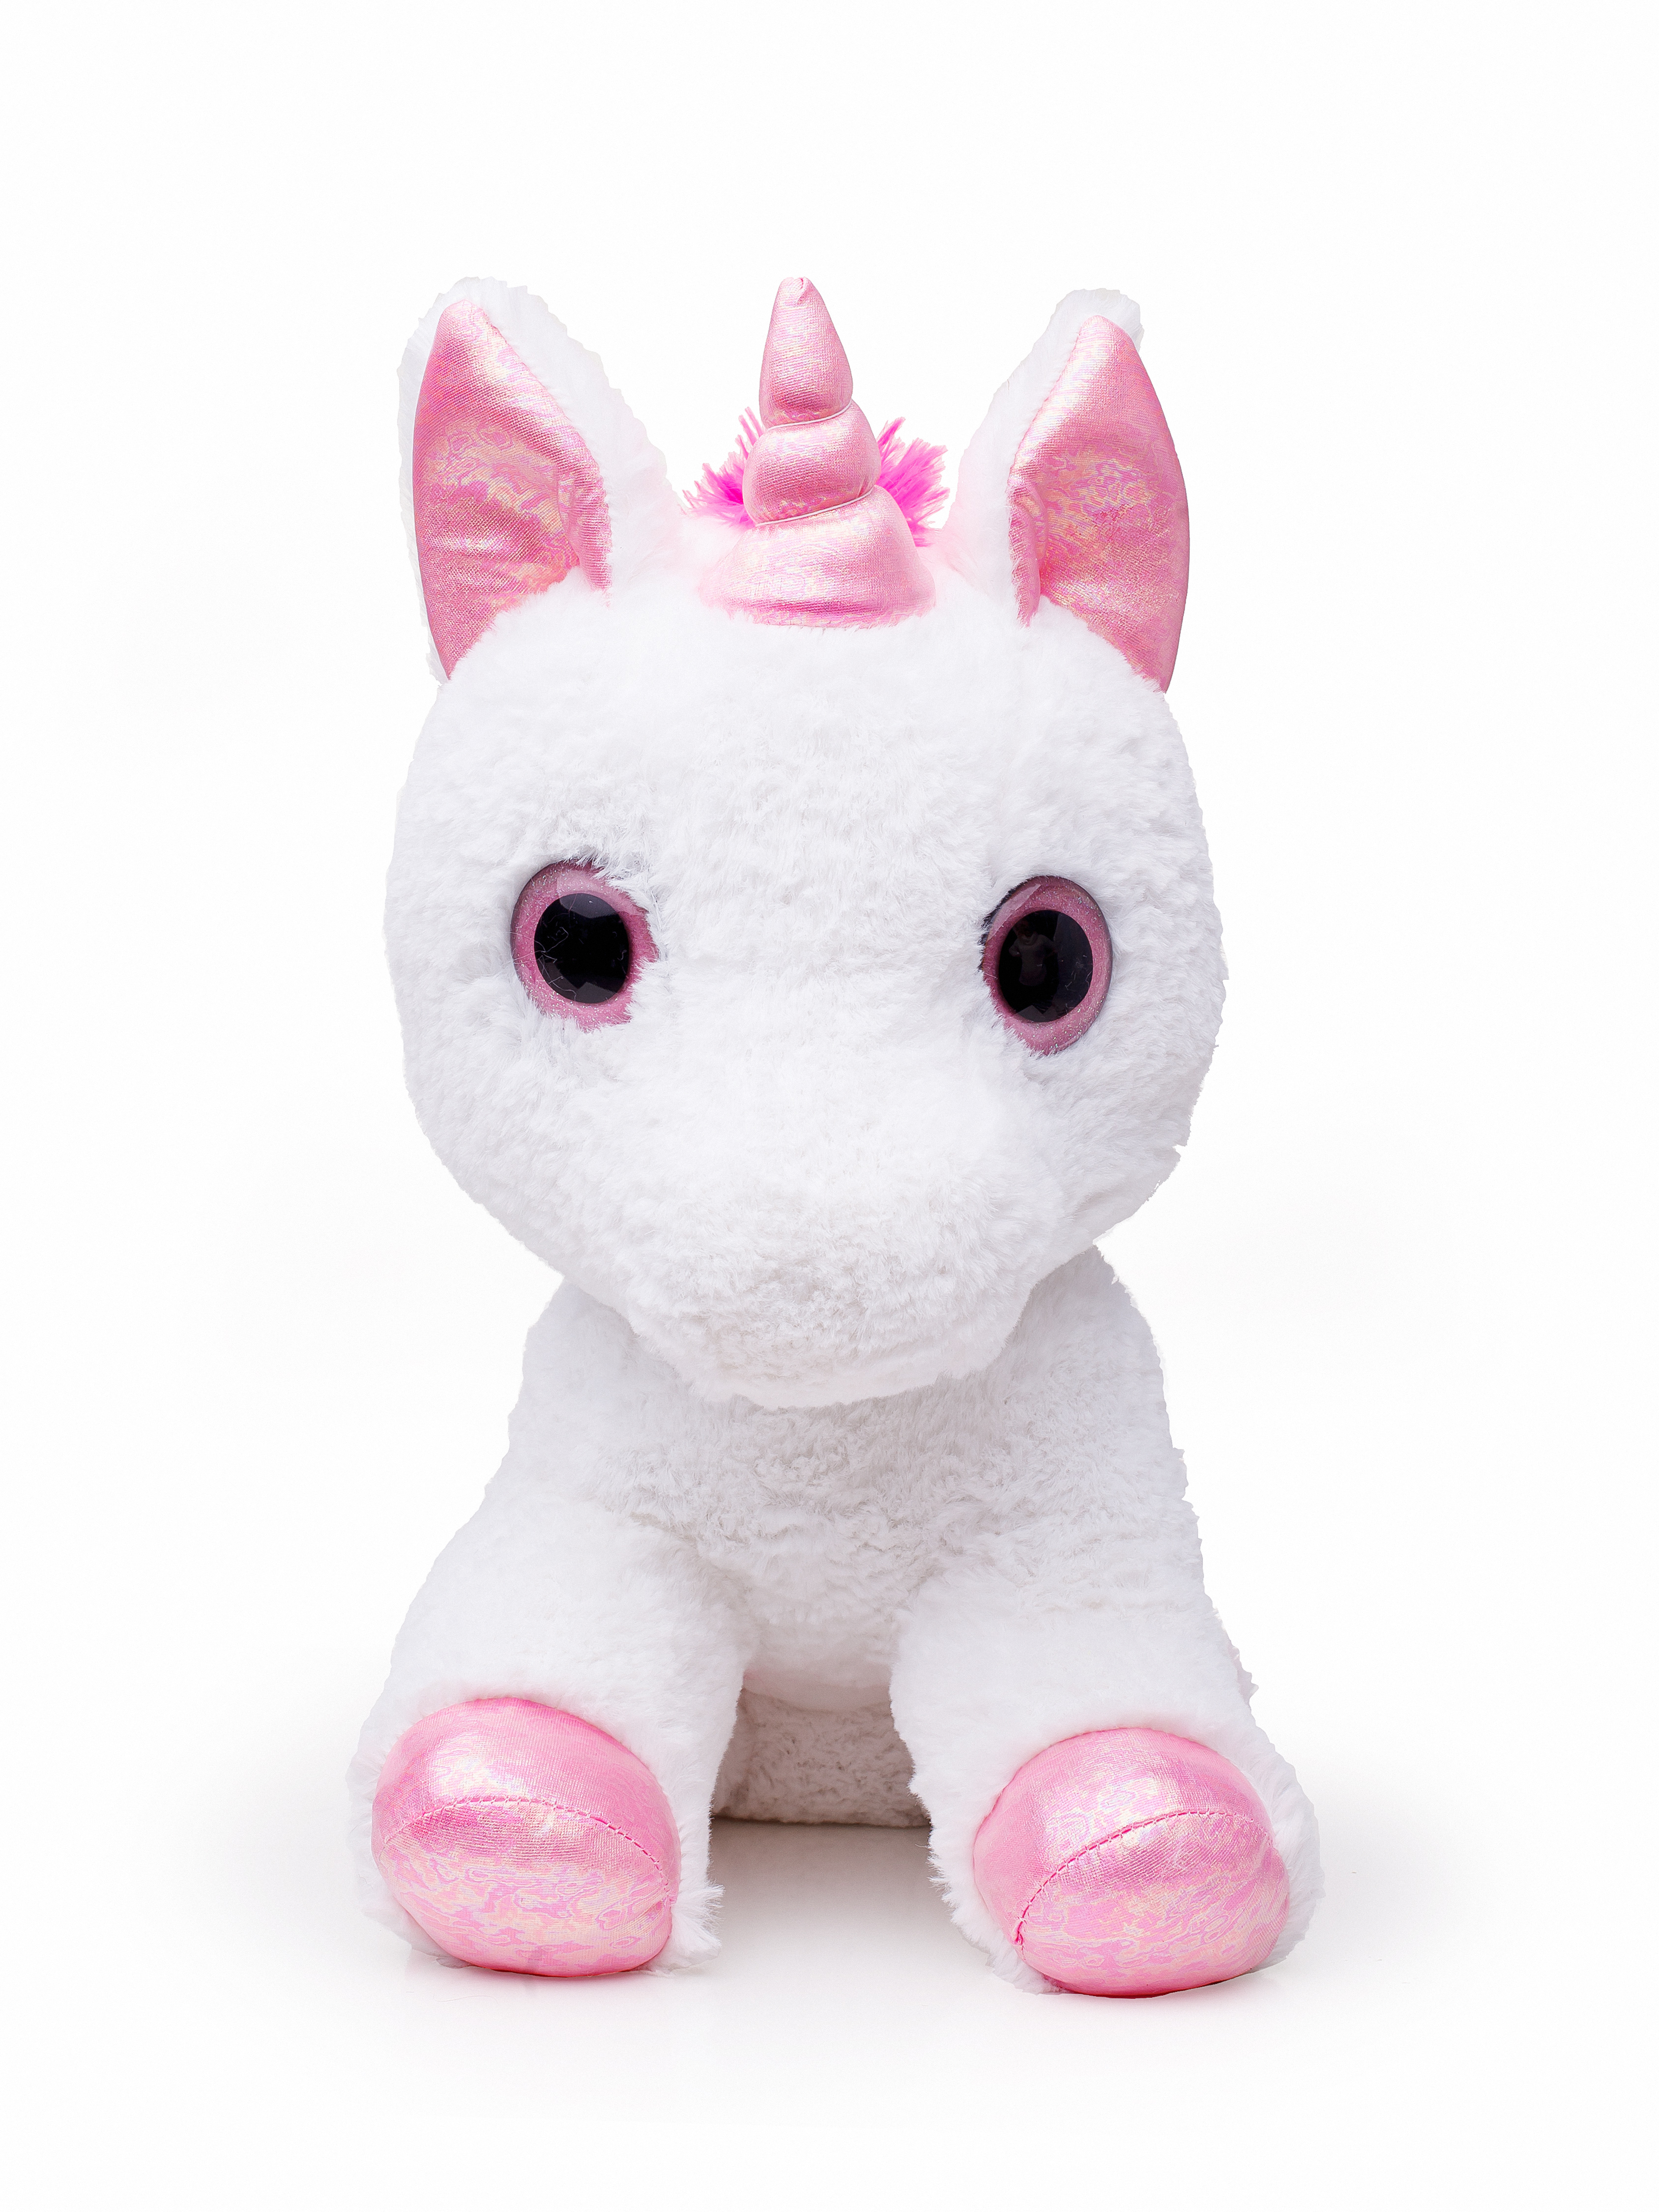 Мягкая игрушка СмолТойс Единорог-Фини, 6171/БЕЛ/35 белый игрушки для детей единорог